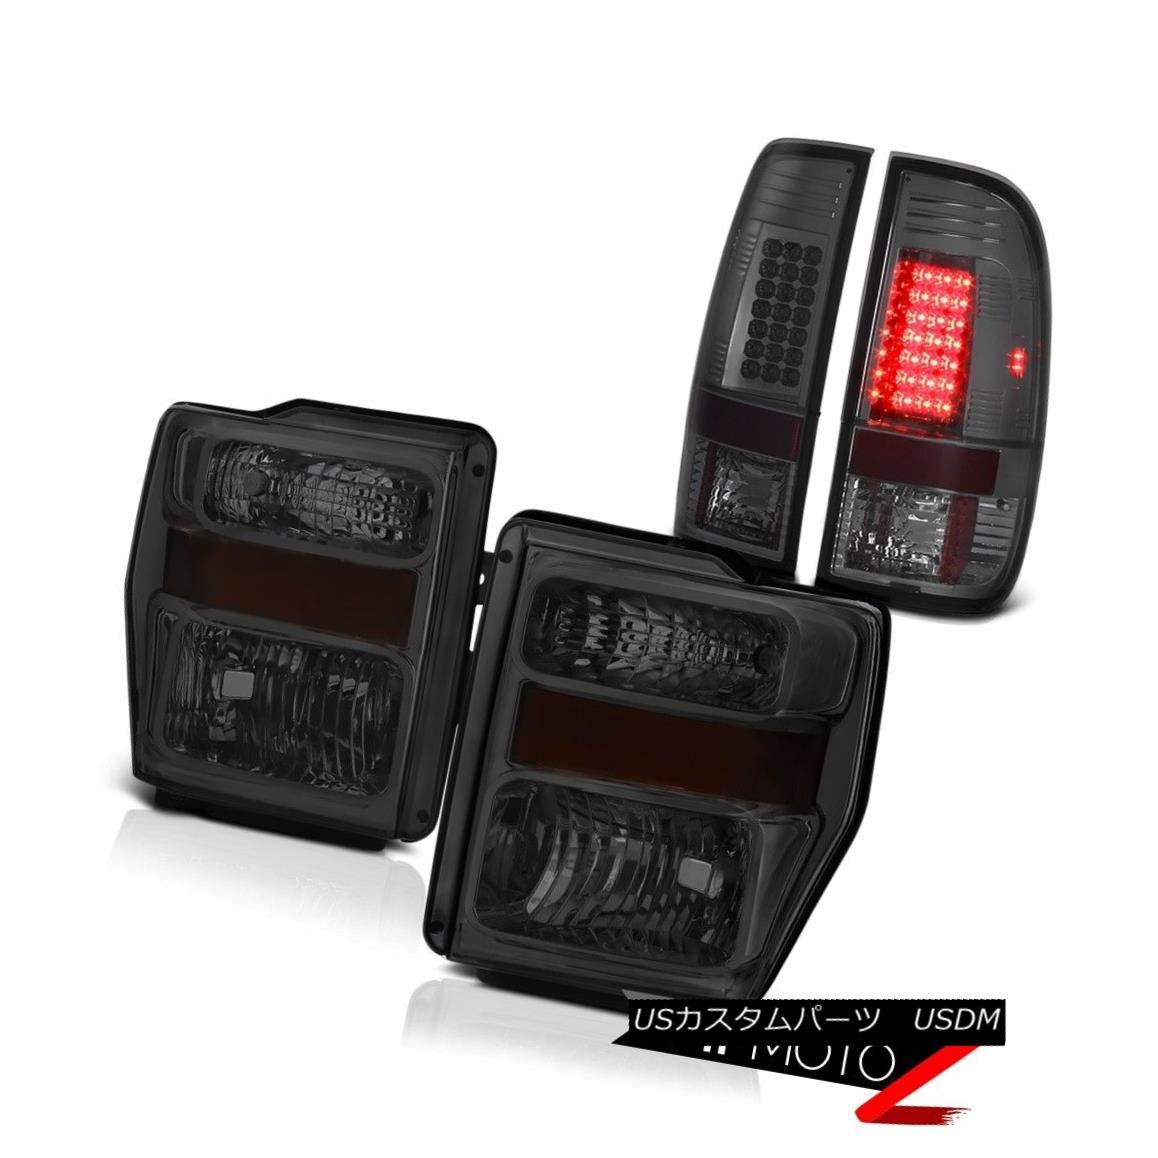 テールライト 08 09 10 Ford F250 F350 Super Duty SMOKE LED Tail Lights LEFT RIGHT Headlights 08 09 10 Ford F250 F350スーパーデューティSMOKE LEDテールライトLEFT RIGHTヘッドライト